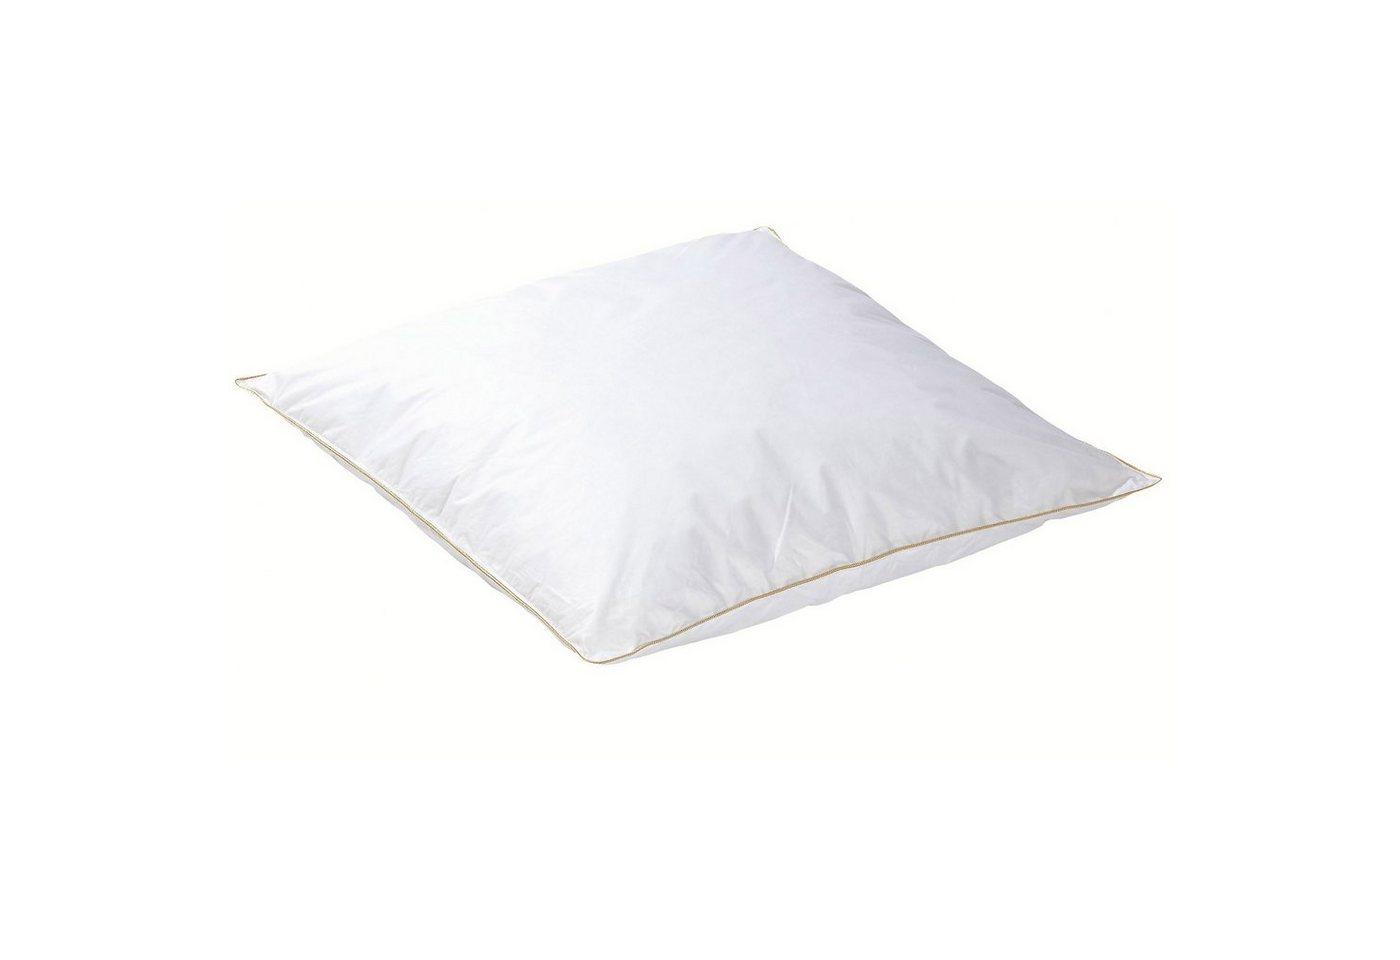 bettdecke freiburg lattenroste 100x200 verstellbar schlafzimmer einrichten mann hirsch. Black Bedroom Furniture Sets. Home Design Ideas